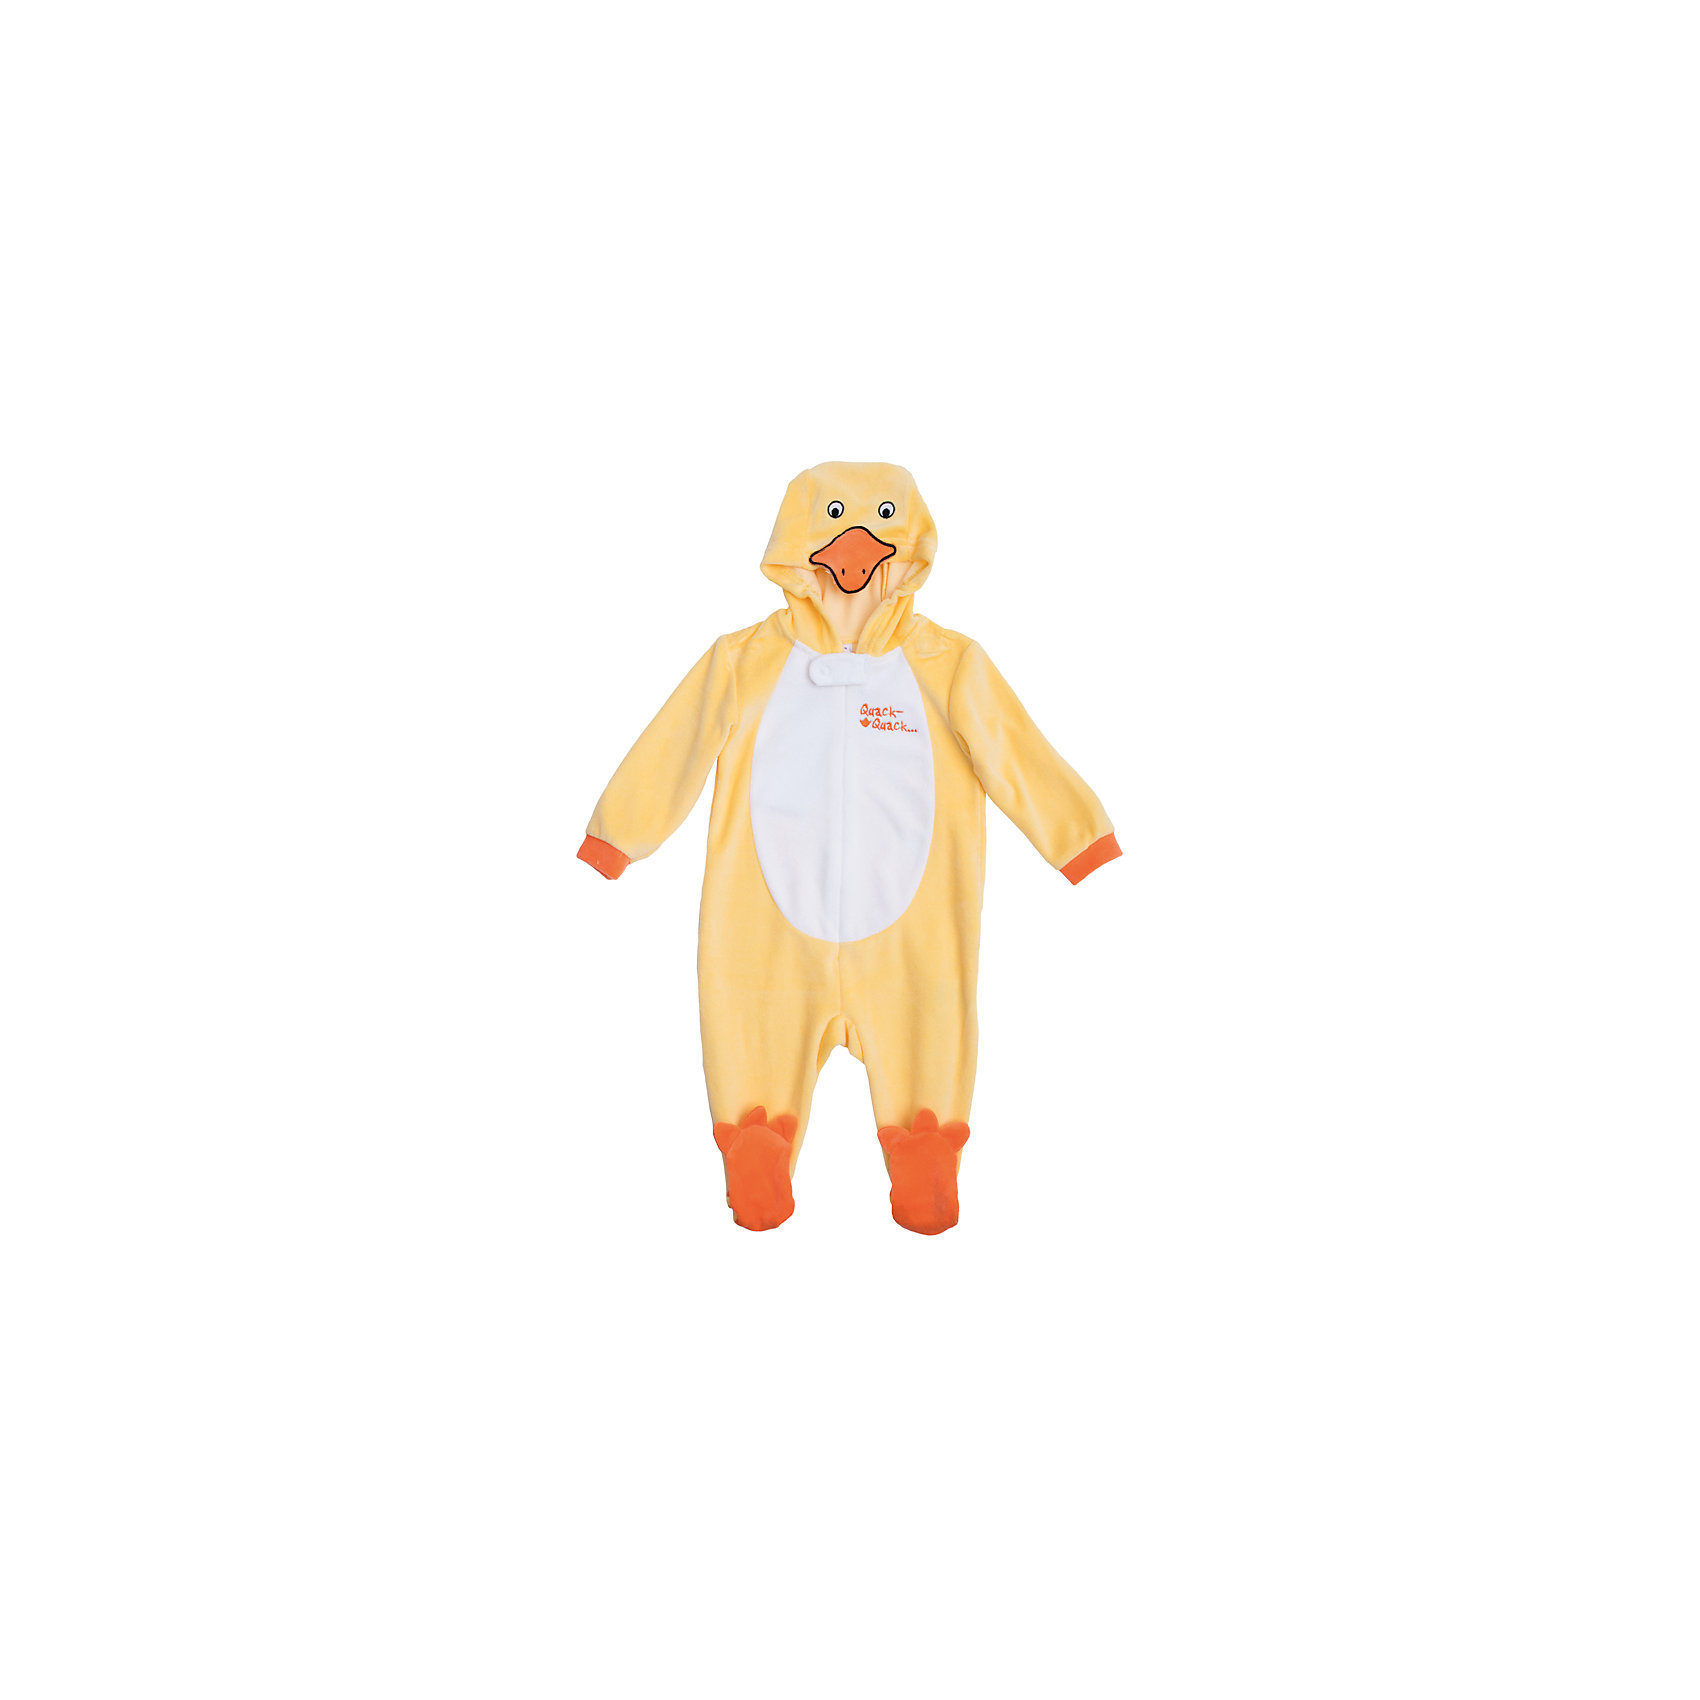 Комбинезон для мальчика PlayTodayКарнавальные костюмы и аксессуары<br>Характеристики:<br><br>• Вид одежды: комбинезон<br>• Предназначение: карнавальный костюм, повседневная одежда<br>• Пол: для мальчика<br>• Сезон: всесезонный<br>• Материал: хлопок – 80%, полиэстер – 20%<br>• Цвет: желтый, белый, оранжевый<br>• Рукав: длинный<br>• Вырез горловины: круглый<br>• Застежка: молния спереди<br>• Наличие капюшона<br>• Особенности ухода: ручная стирка без применения отбеливающих средств, глажение при низкой температуре <br><br>PlayToday – это линейка детской одежды, которая предназначена как для повседневности, так и для праздников. Большинство моделей выполнены в классическом стиле, сочетающем в себе традиции с яркими стильными элементами и аксессуарами. Весь ассортимент одежды сочетается между собой по стилю и цветовому решению, поэтому Вам будет легко сформировать гардероб вашего ребенка, который отражает его индивидуальность. <br>Комбинезон для мальчика PlayToday – яркий, стильный и оригинальный наряд, который может быть использован не только в качестве теплой одежды, но и в качестве карнавального костюма. Комбинезон выполнен из велюра высокого качества. Стиль комбинезона представляет собой имитацию утенка: ярко-желтые детали сочетаются с белой грудкой, оранжевой резинкой на рукавах и с носочками в форме лапок утенка. Капюшон представляет собой мордочку. Комбинезон удобно надевать и снимать: спереди по всей длине имеется застежка-молния. <br><br>Комбинезон для мальчика PlayToday можно купить в нашем интернет-магазине.<br><br>Ширина мм: 157<br>Глубина мм: 13<br>Высота мм: 119<br>Вес г: 200<br>Цвет: желтый<br>Возраст от месяцев: 6<br>Возраст до месяцев: 9<br>Пол: Мужской<br>Возраст: Детский<br>Размер: 74,62,68<br>SKU: 5059461